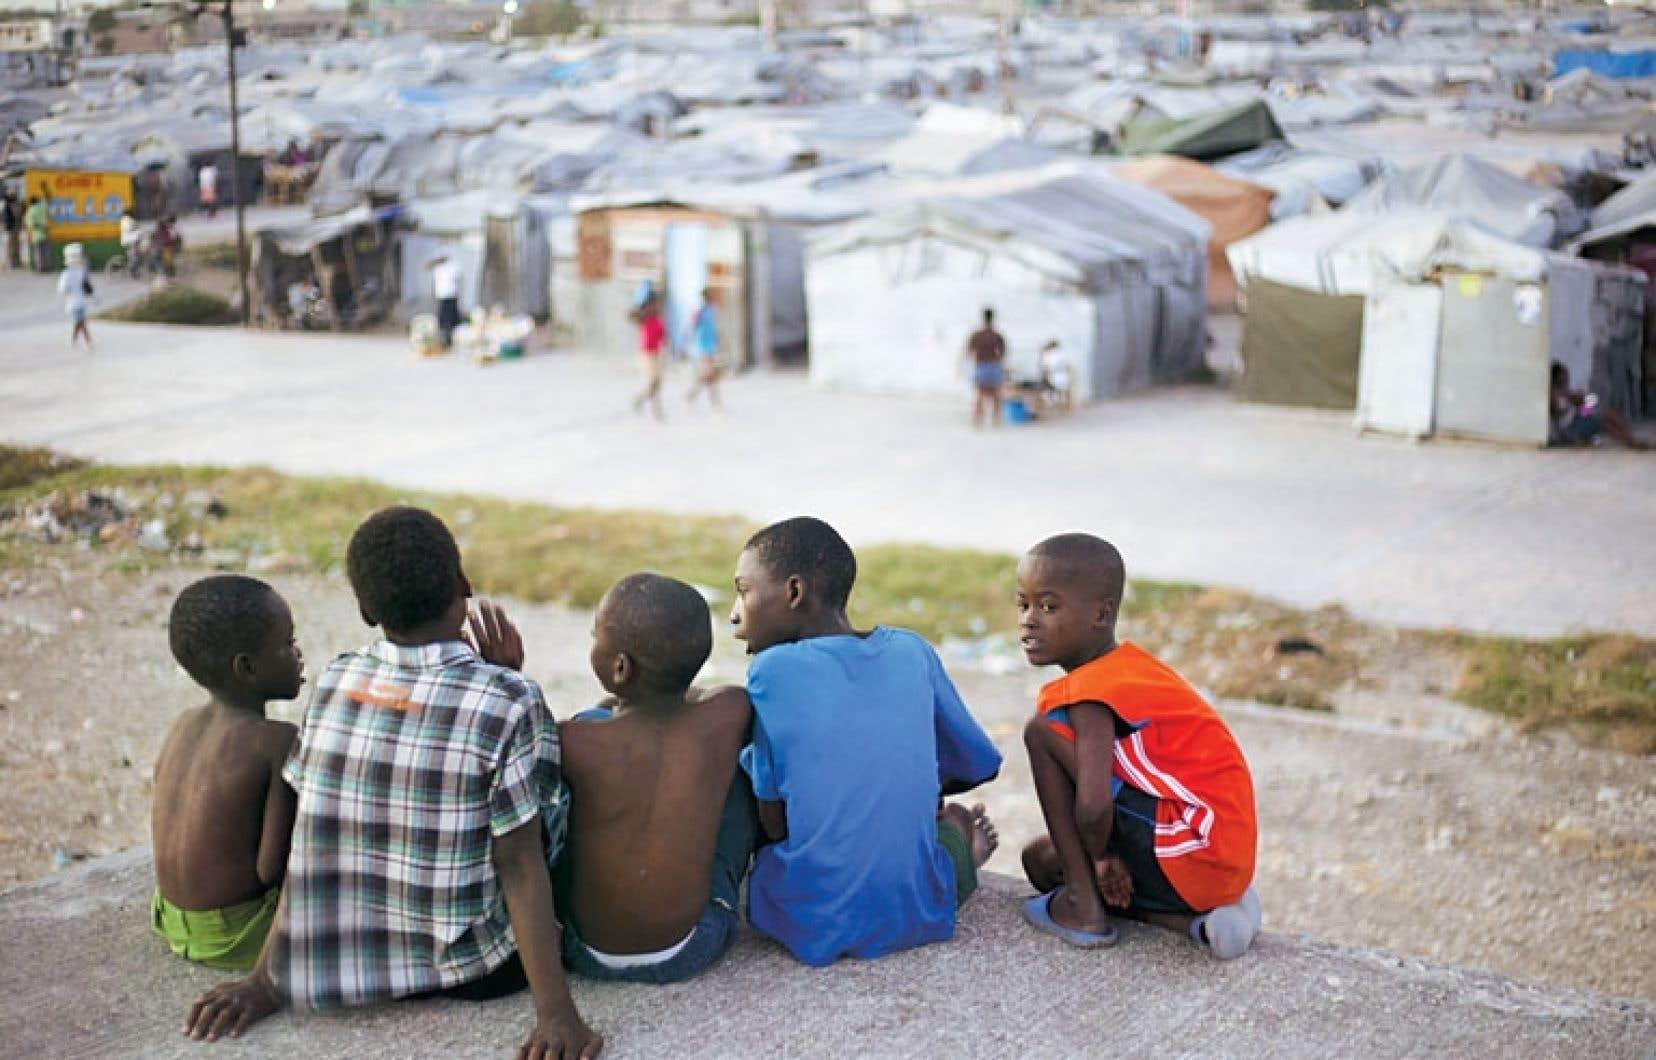 Assis sur le toit d'une maison endommagée par le séisme de 2010, des jeunes garçons contemplent le camp Jean-Marie-Vincent, à Port-au-Prince, où ils résident toujours, trois ans après le drame.